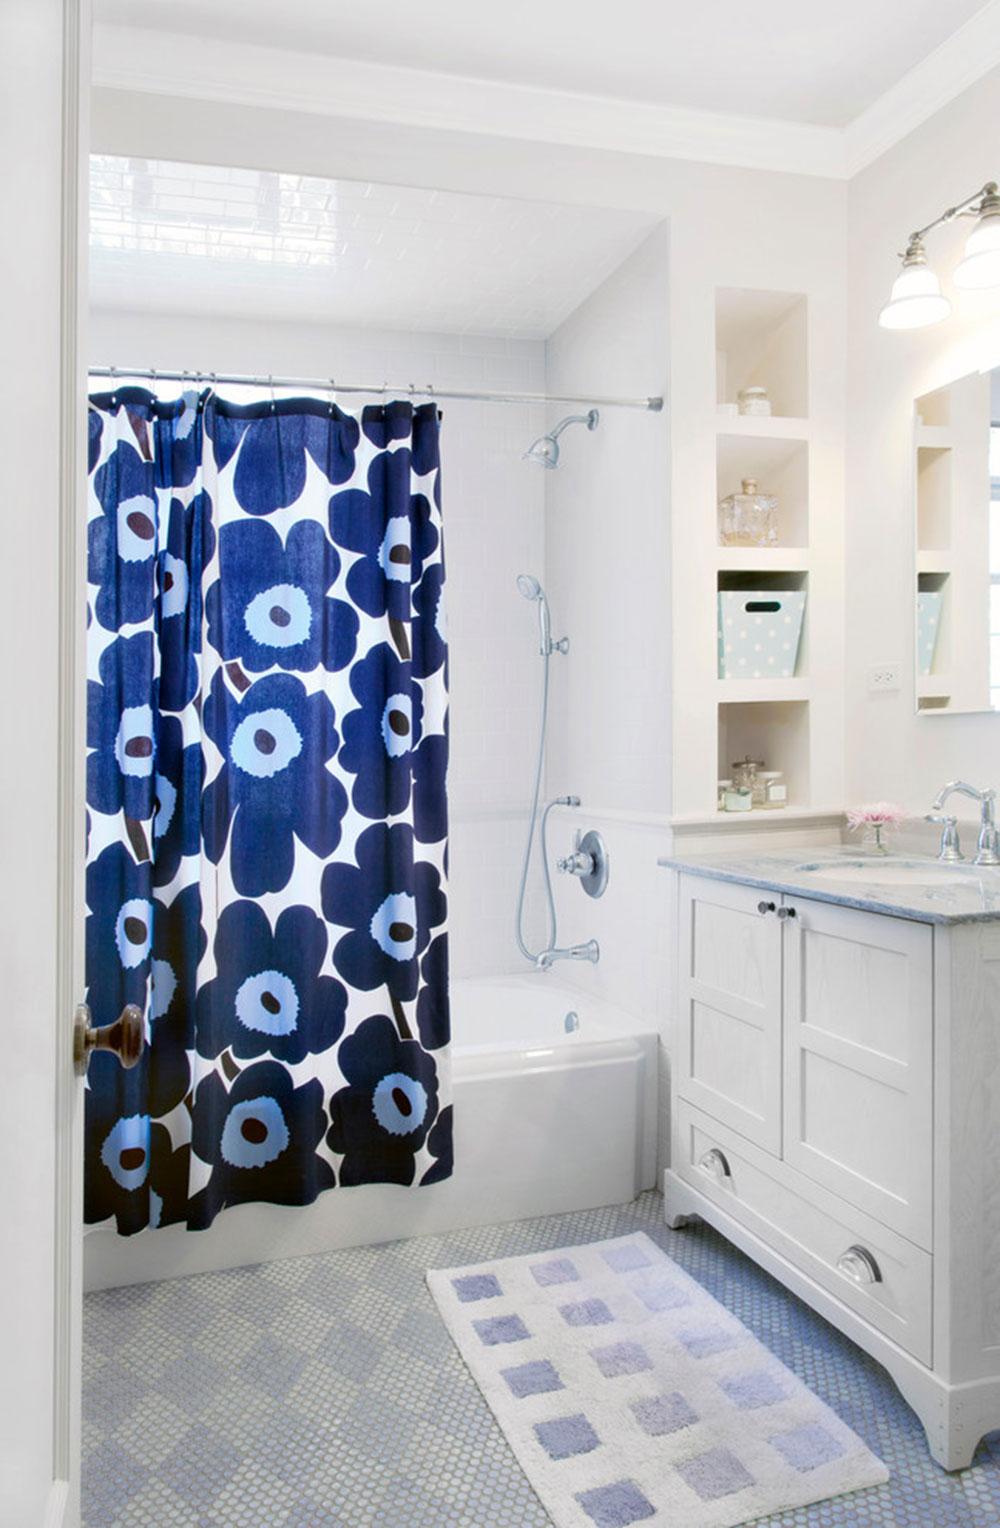 Förbättra ditt badrumsutseende med trendiga duschdraperier 11 trendiga duschdraperier för ditt badrum